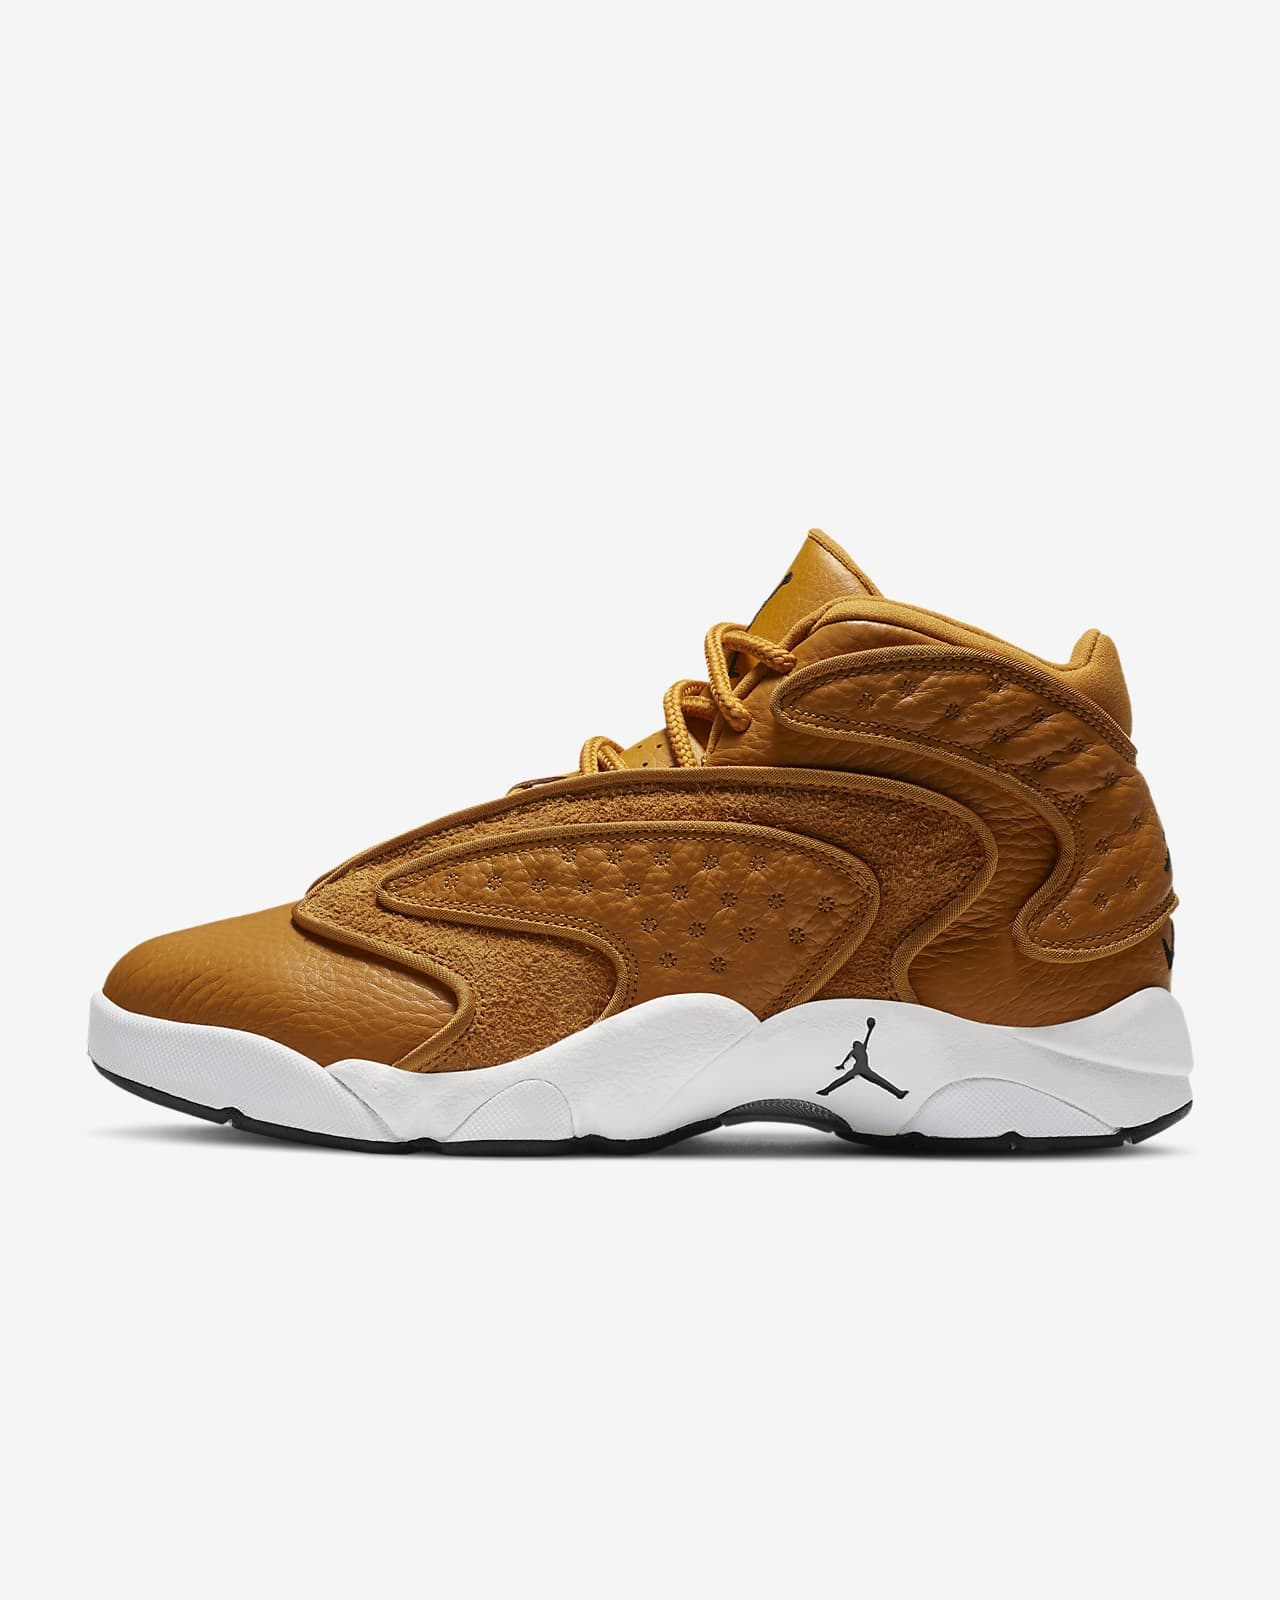 Air Jordan OG Women's Shoe